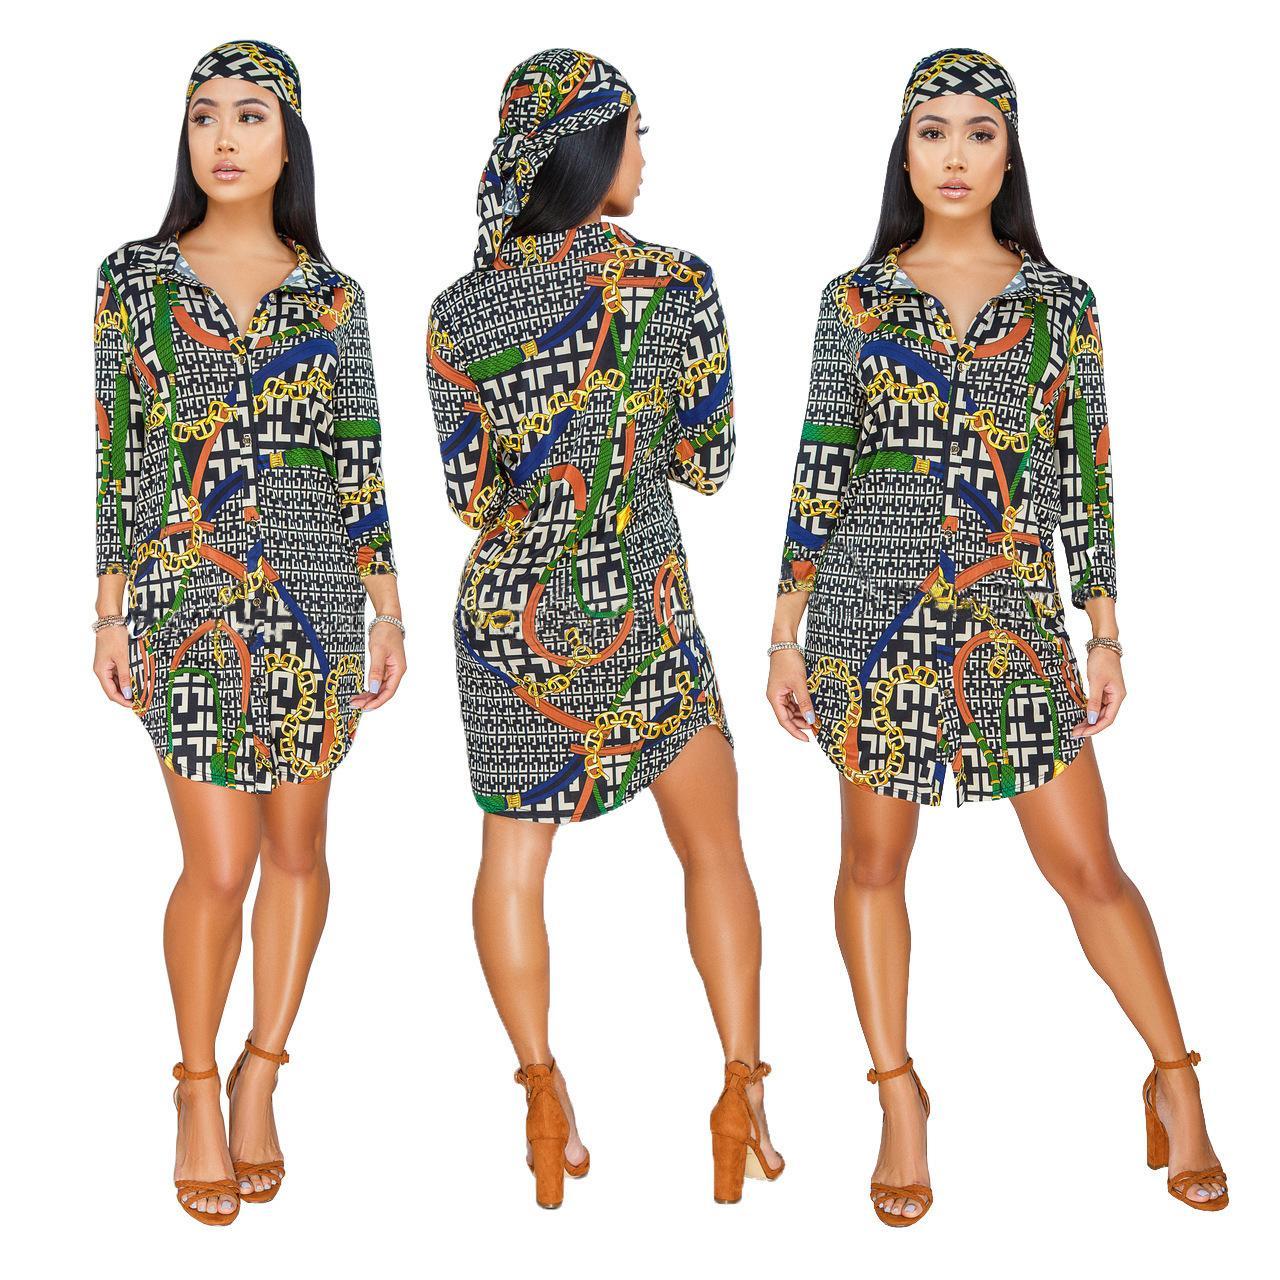 a4c746fec20ab Gran tamaño 2019 nuevas señoras código estándar moda impresión caliente  camisa colorida falda ropa de mujer